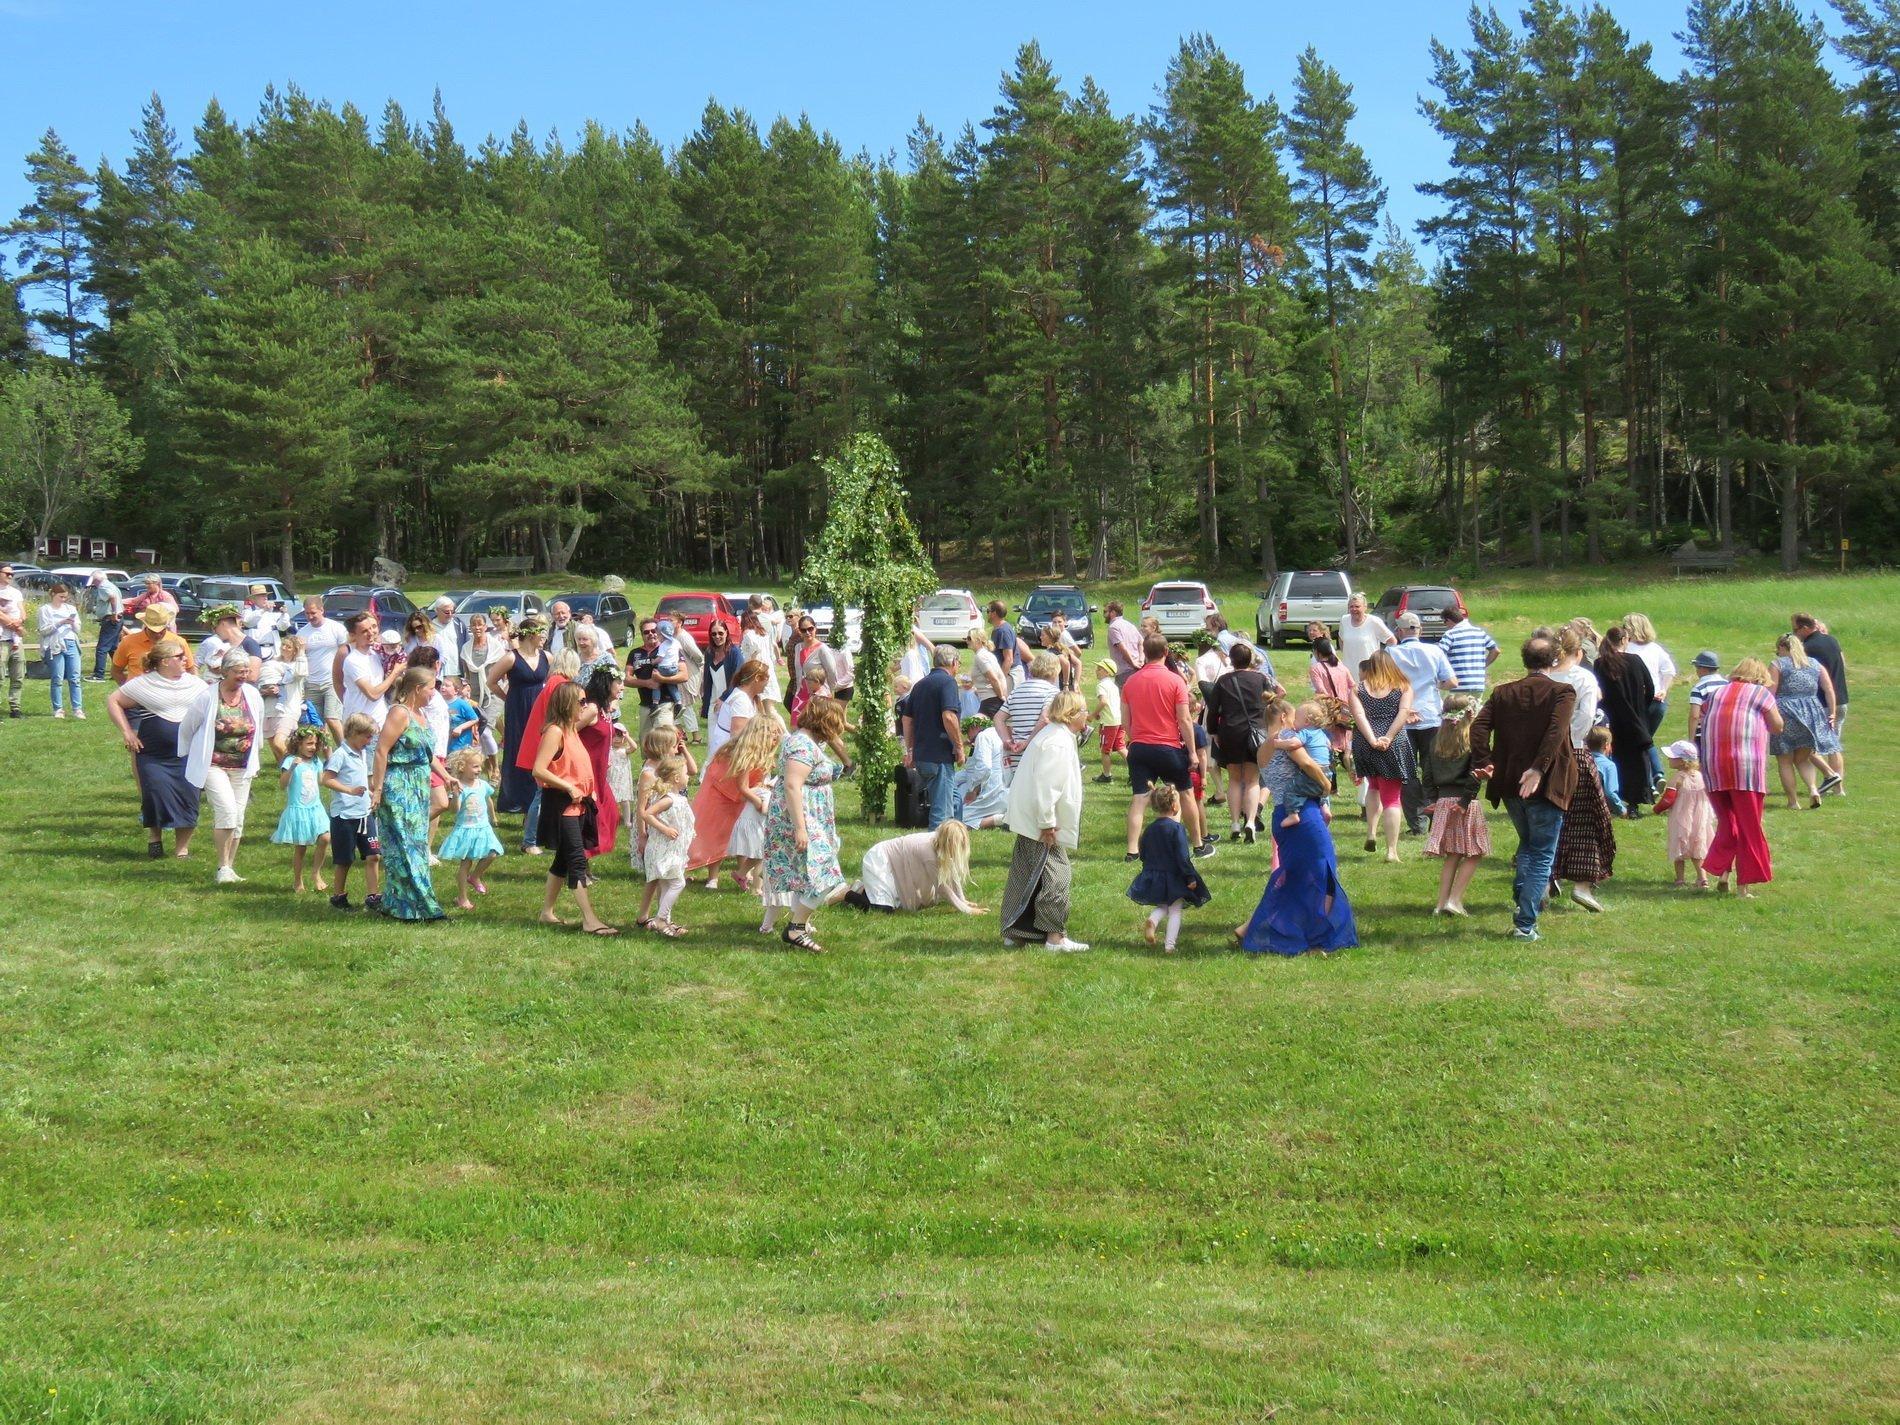 Midsommarfirande på Grytholmen. Foto: Bengt Grönkvist